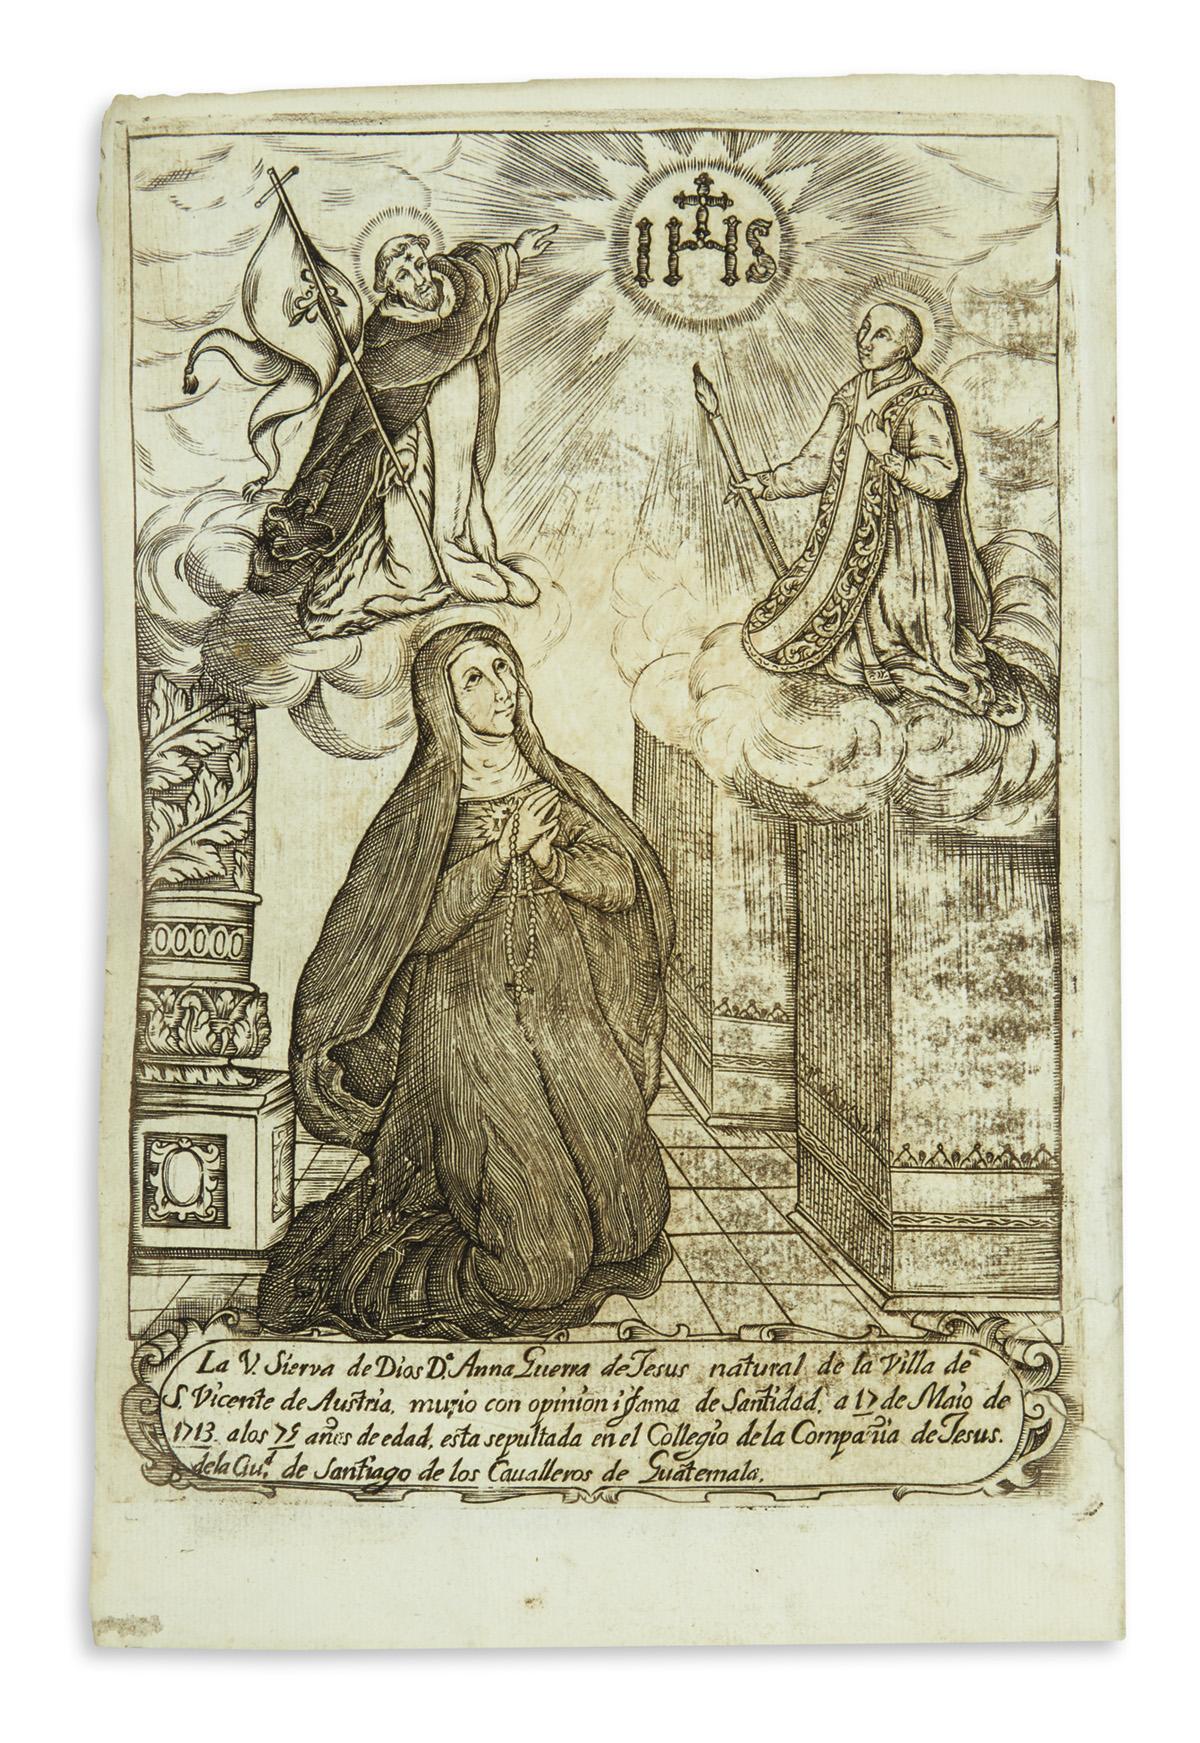 (GUATEMALA.) Siria, Antonio de. Vida admirable y prodigiosas virtudes de la v. sierva de Dios D. Anna Guerra de Jesus.